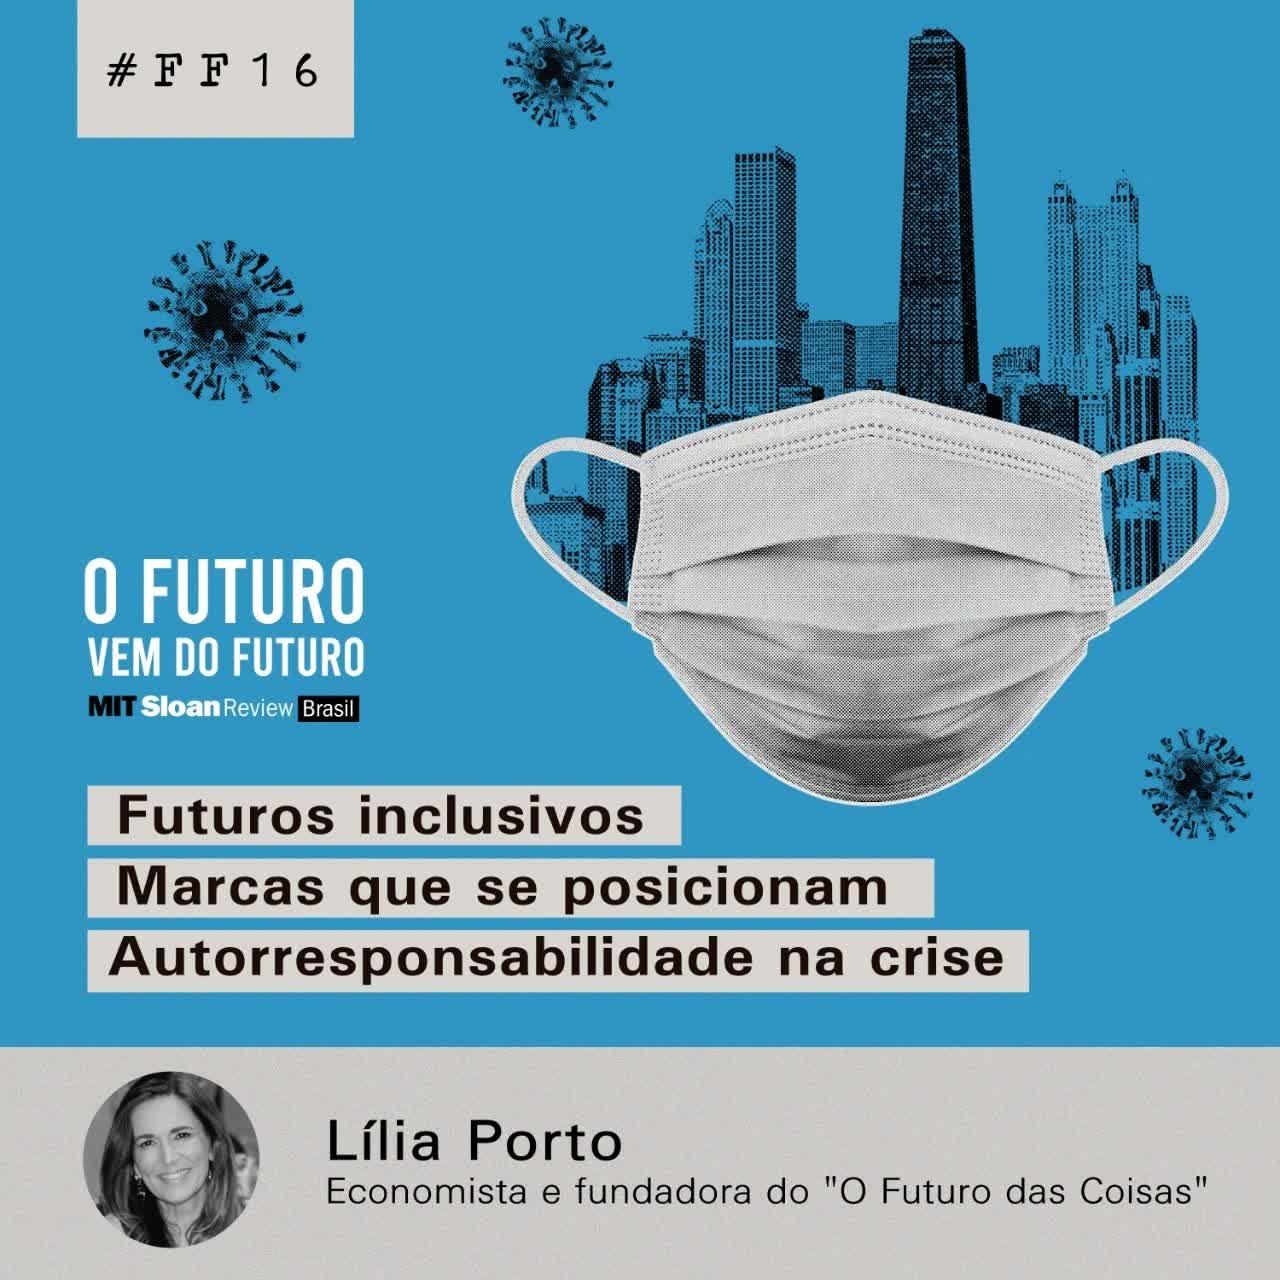 #FFS01E16 - Lília Porto: futuros inclusivos, marcas que se posicionam, autorresponsabilidade na crise